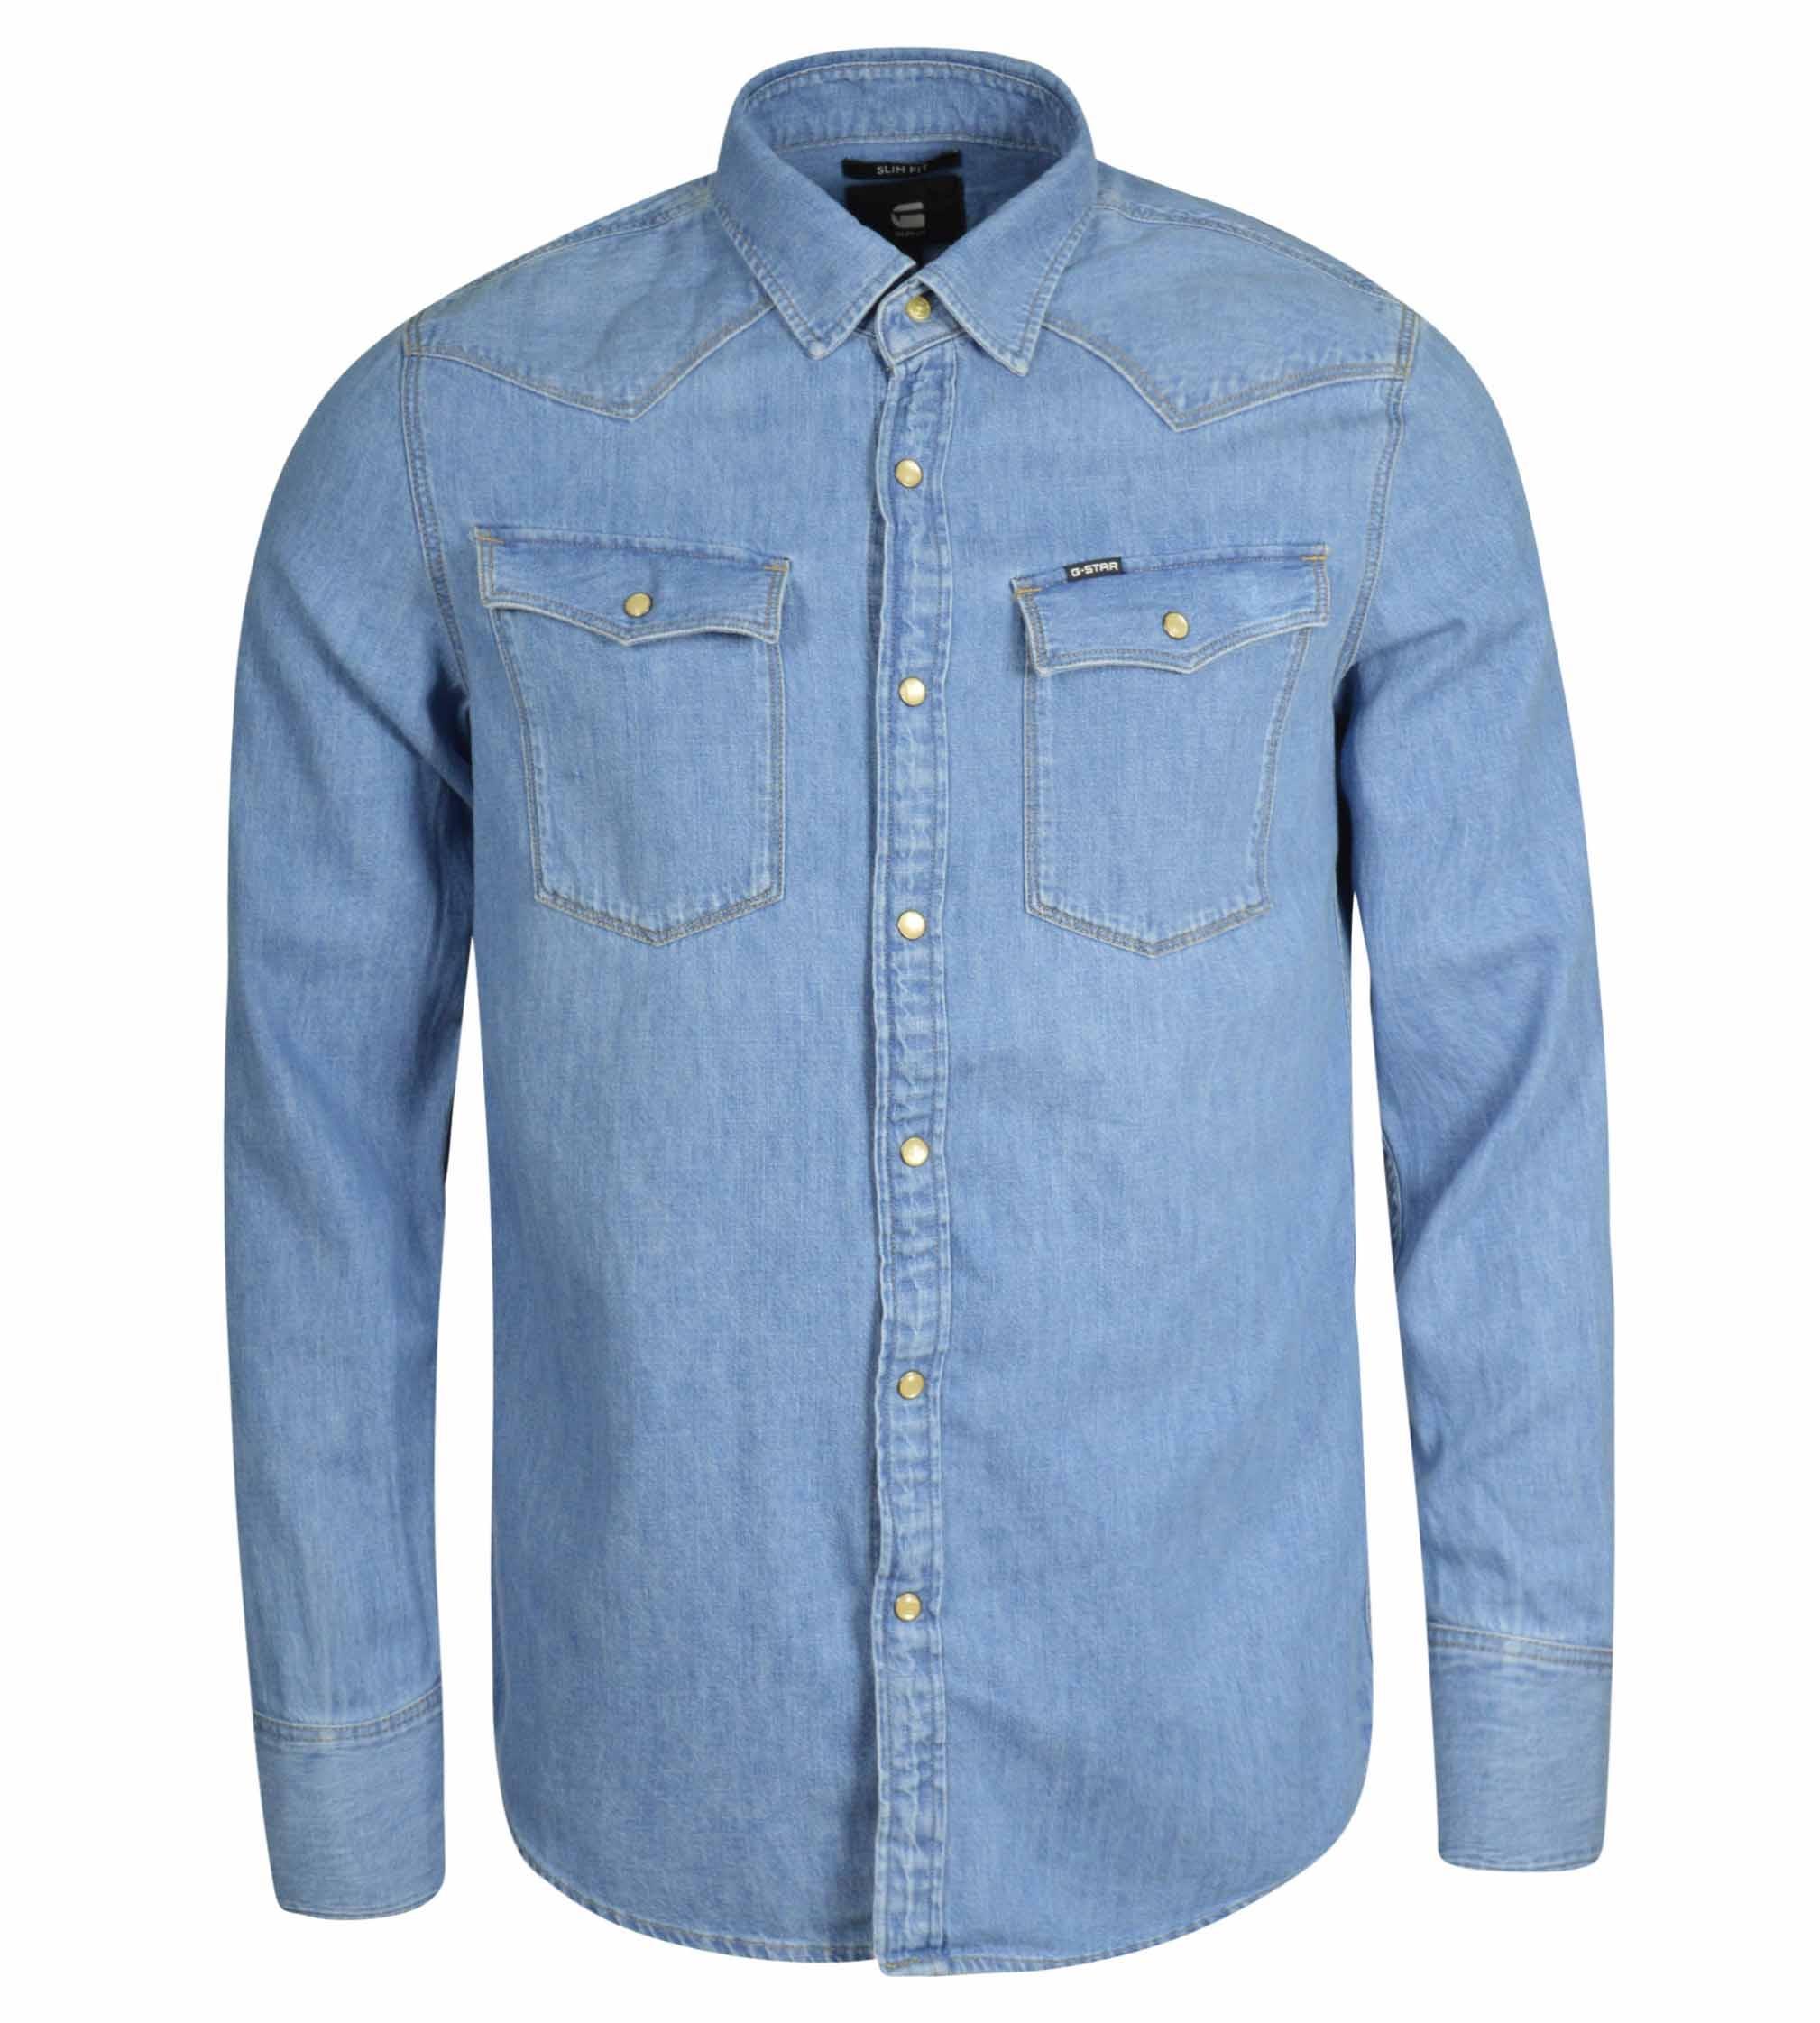 Ανδρικό πουκάμισο G-Star D10140-D013-071 - Glami.gr 17b42dcc61d